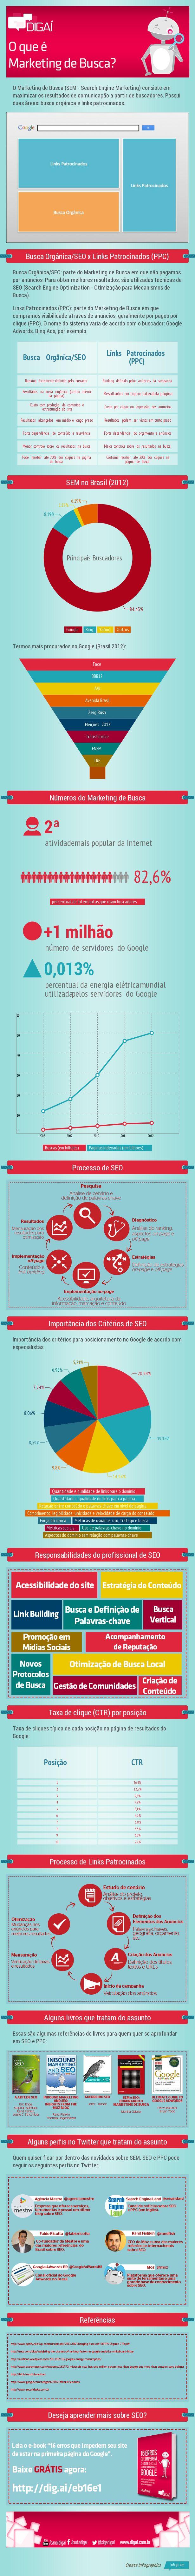 O que é Marketing de Busca? – Infográfico sobre SEM | Digaí